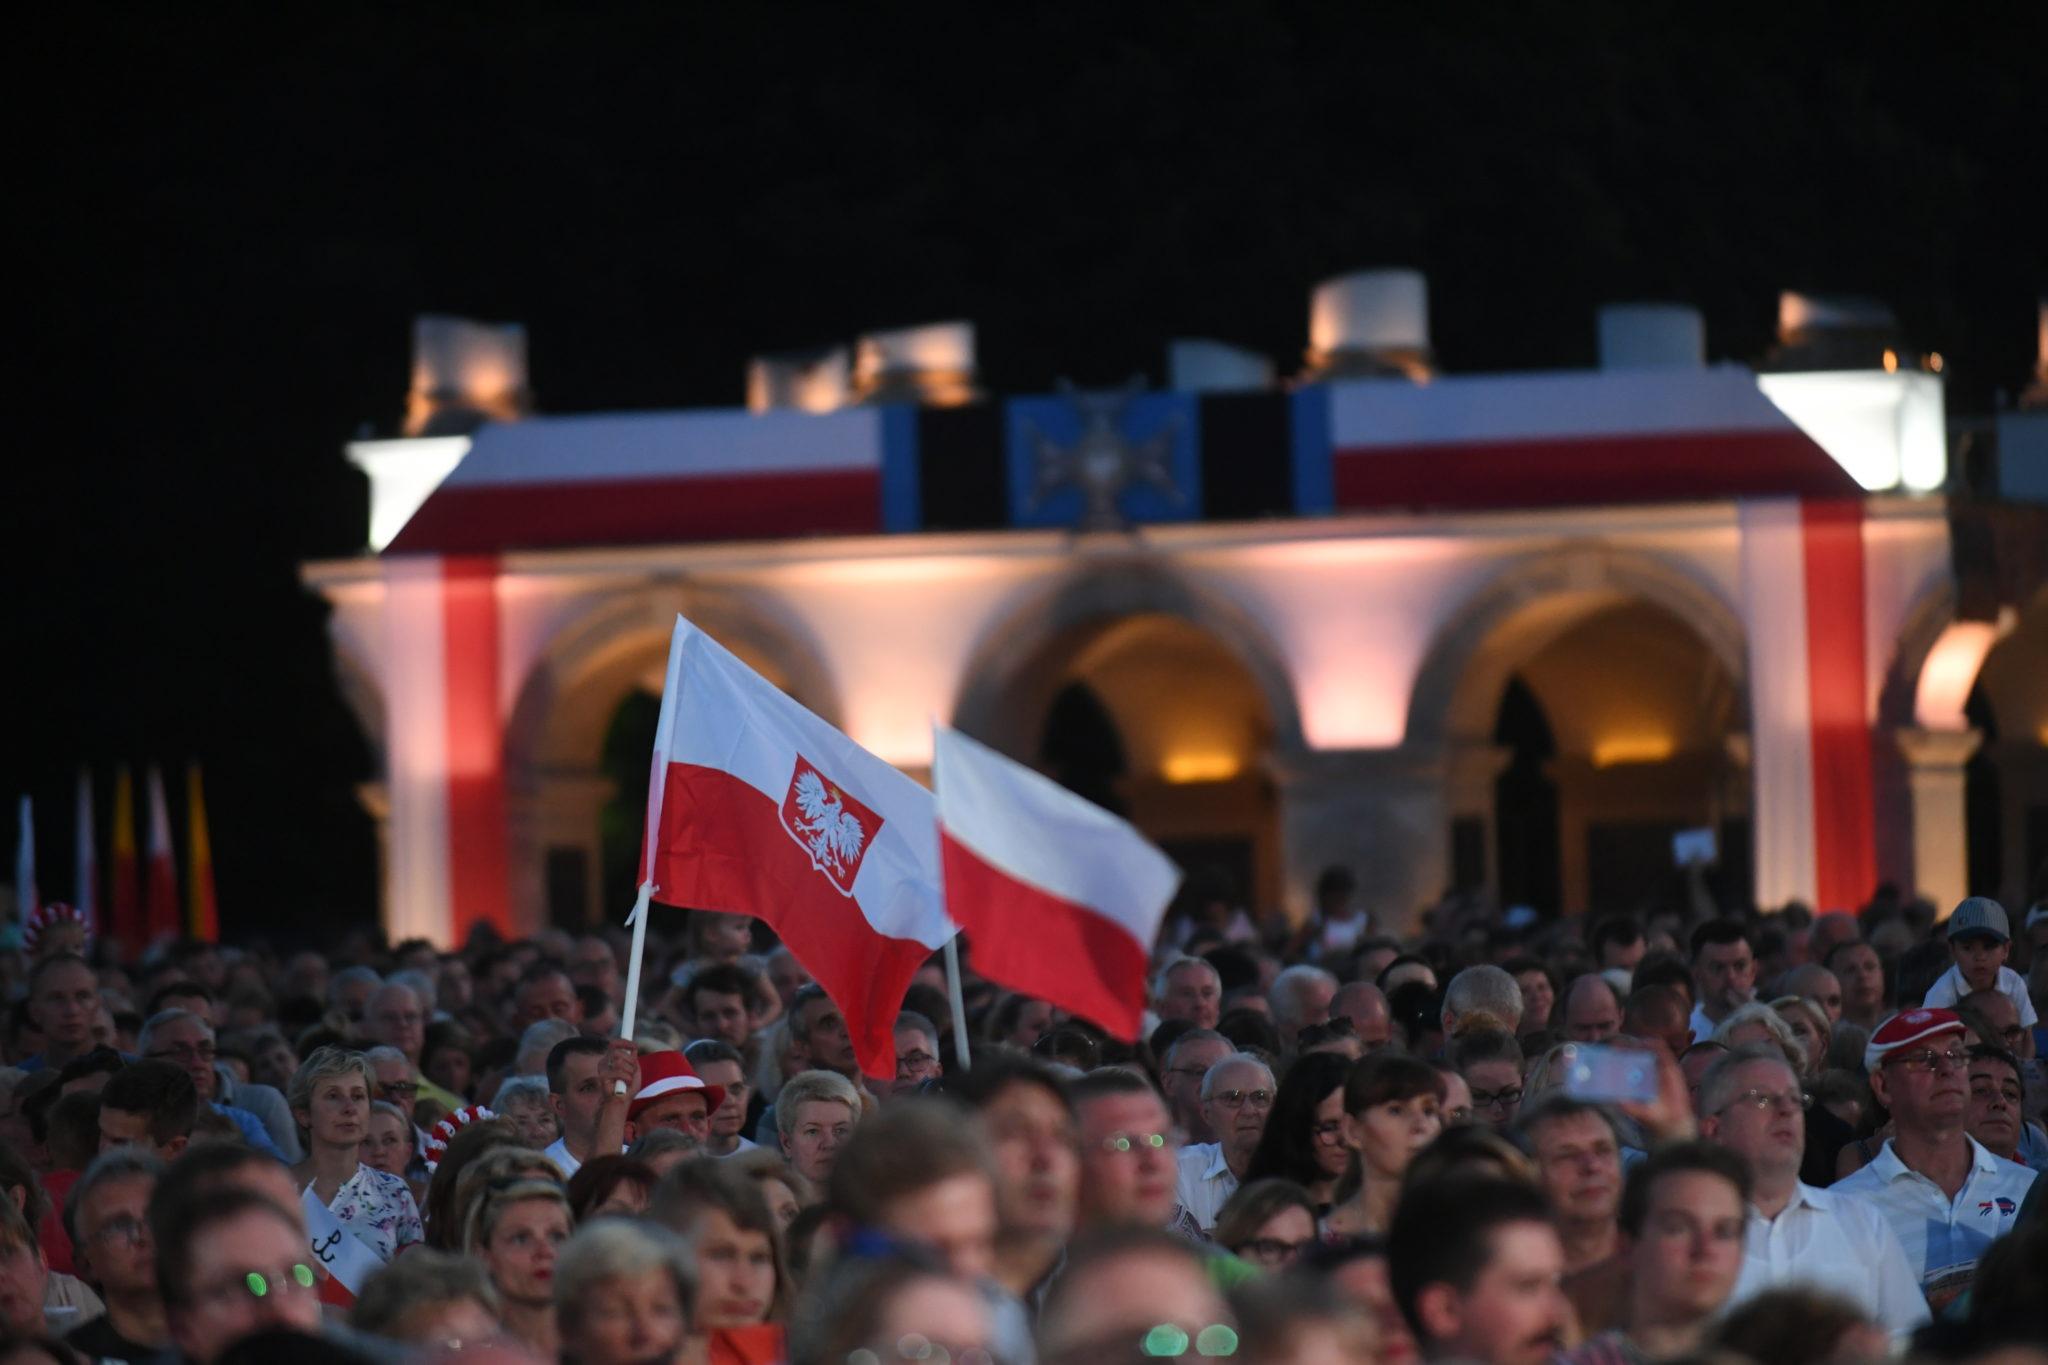 Wspólne śpiewanie pieśni, Plac Piłsudskiego, fot: PAP/Bartłomiej Zborowski